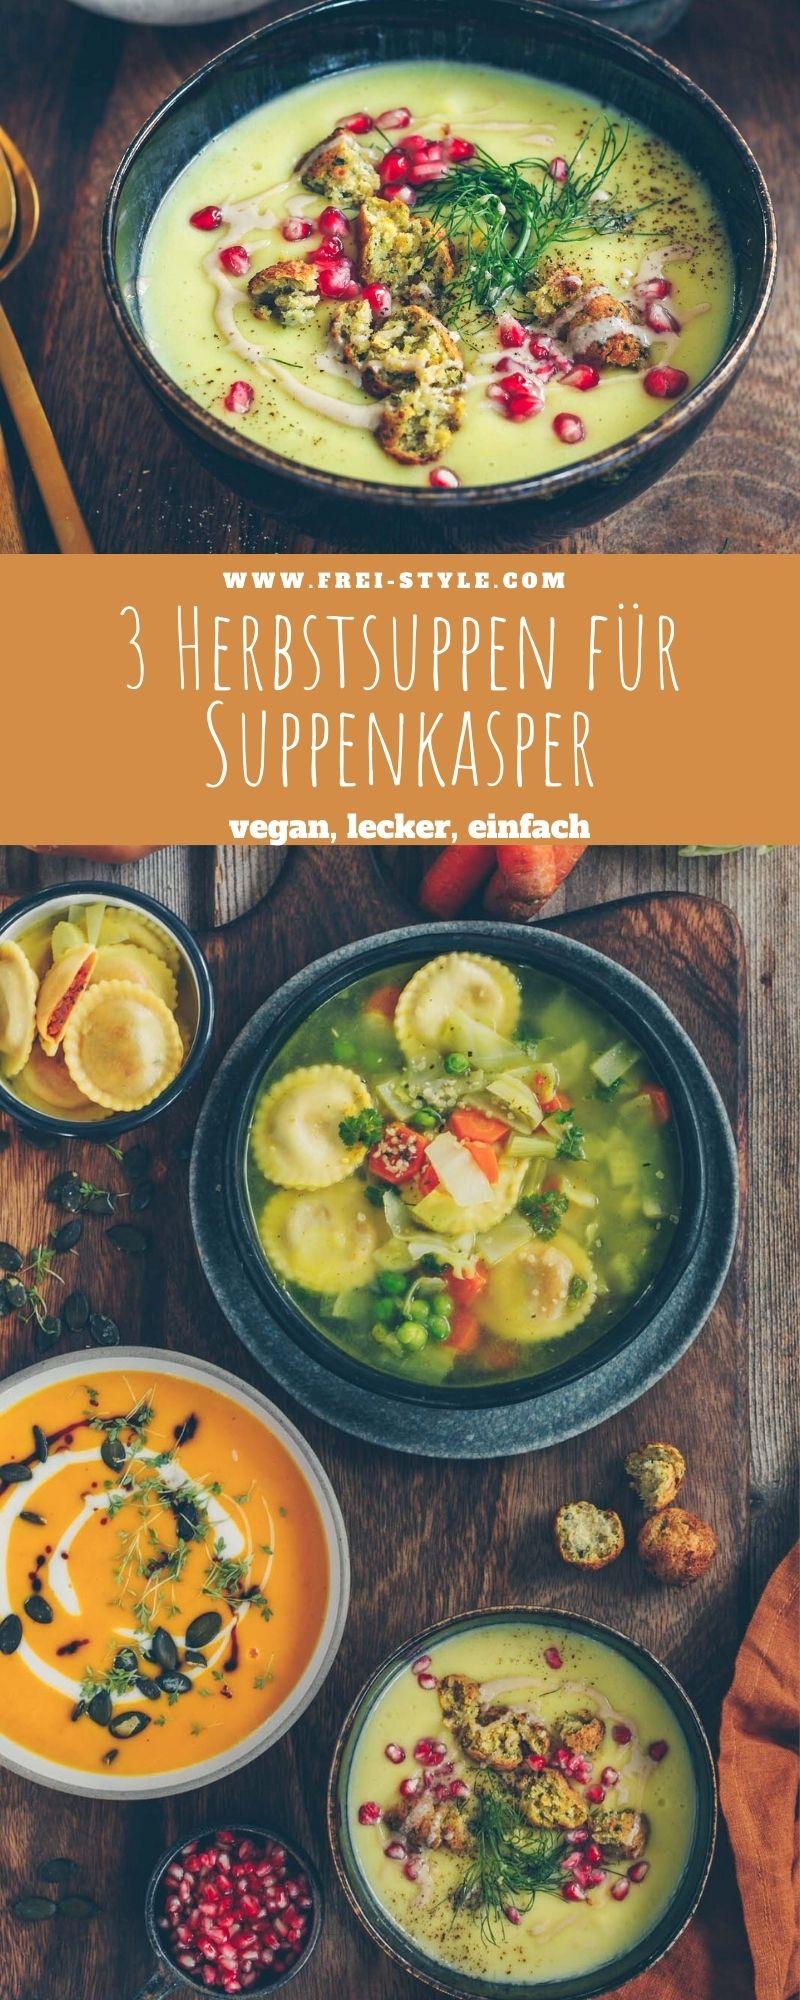 3 Herbstsuppen für Suppenkasper